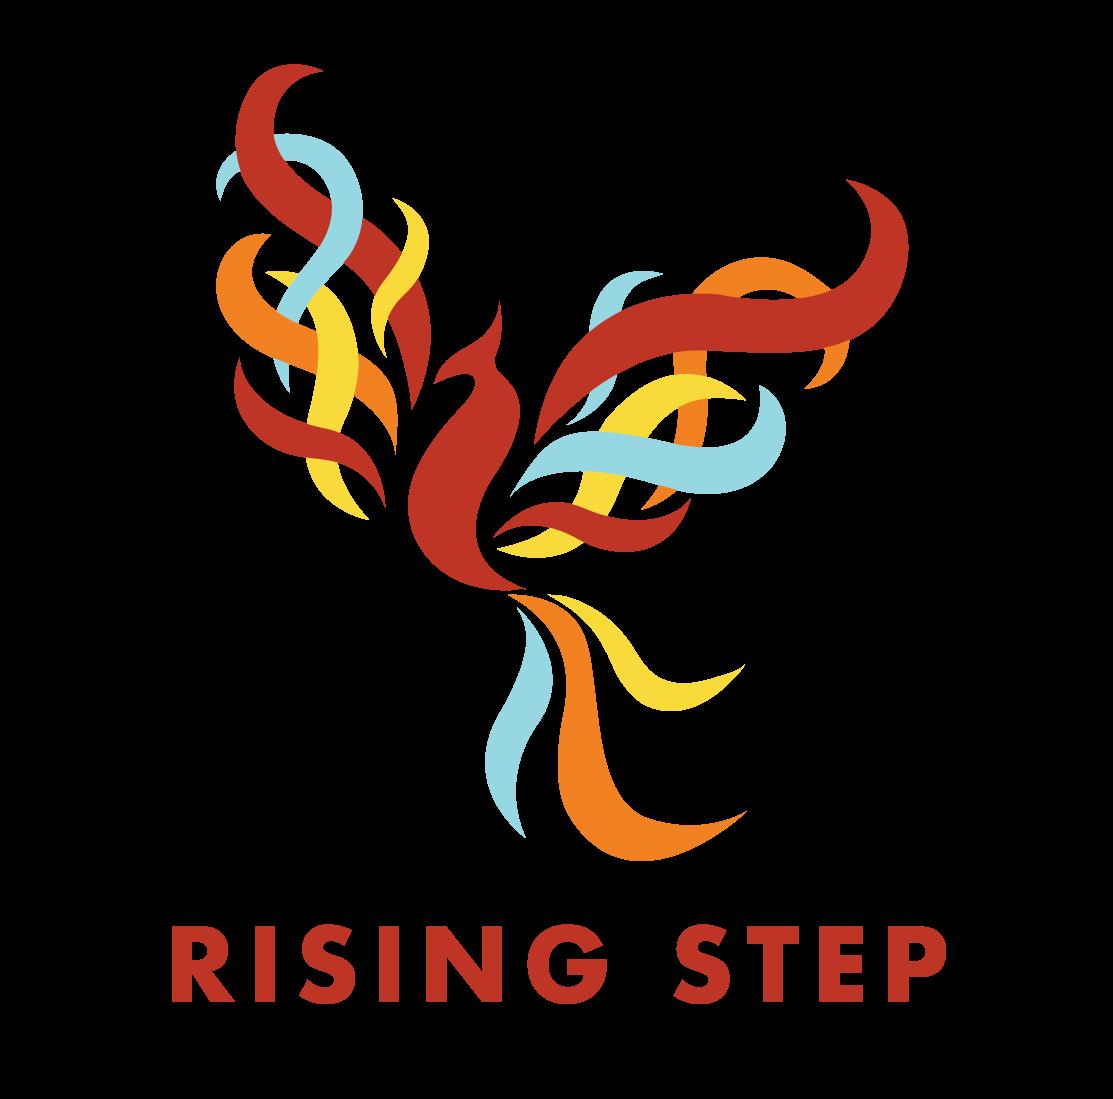 RisingStep-Logo-TransparentBG.png